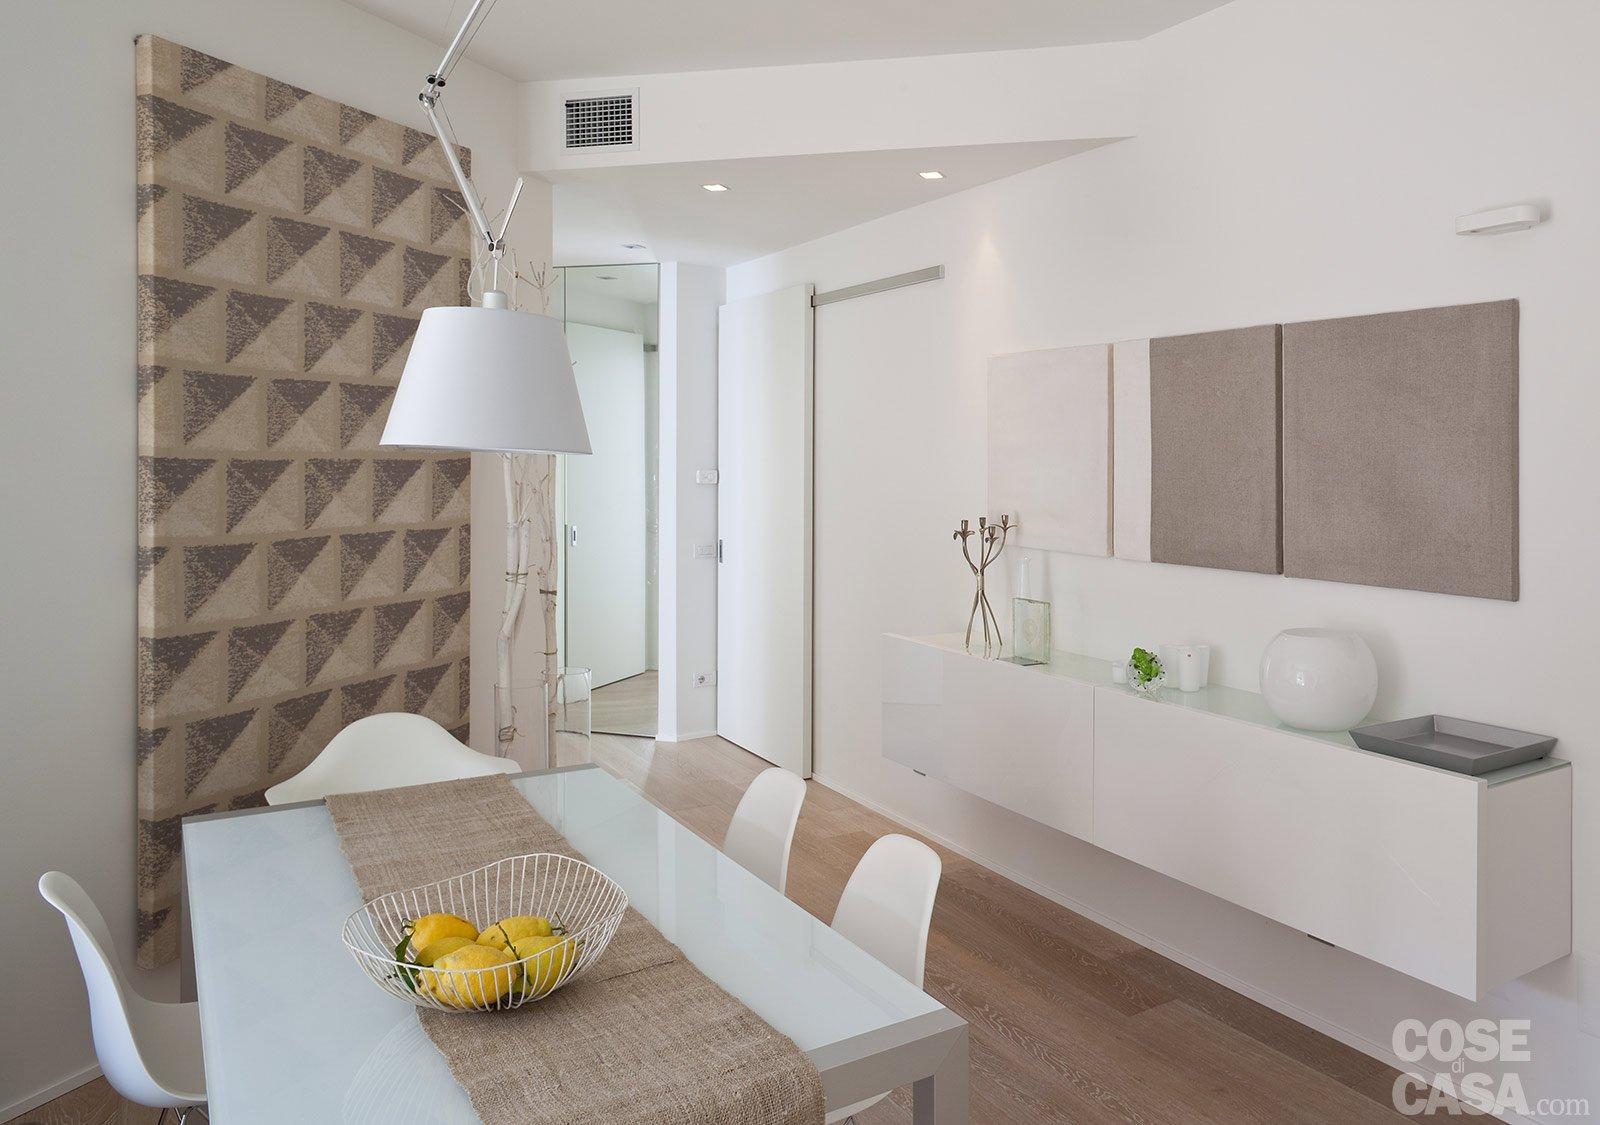 75 mq 10 idee per far sembrare pi grande la casa cose for Costruire tartarughiera in vetro